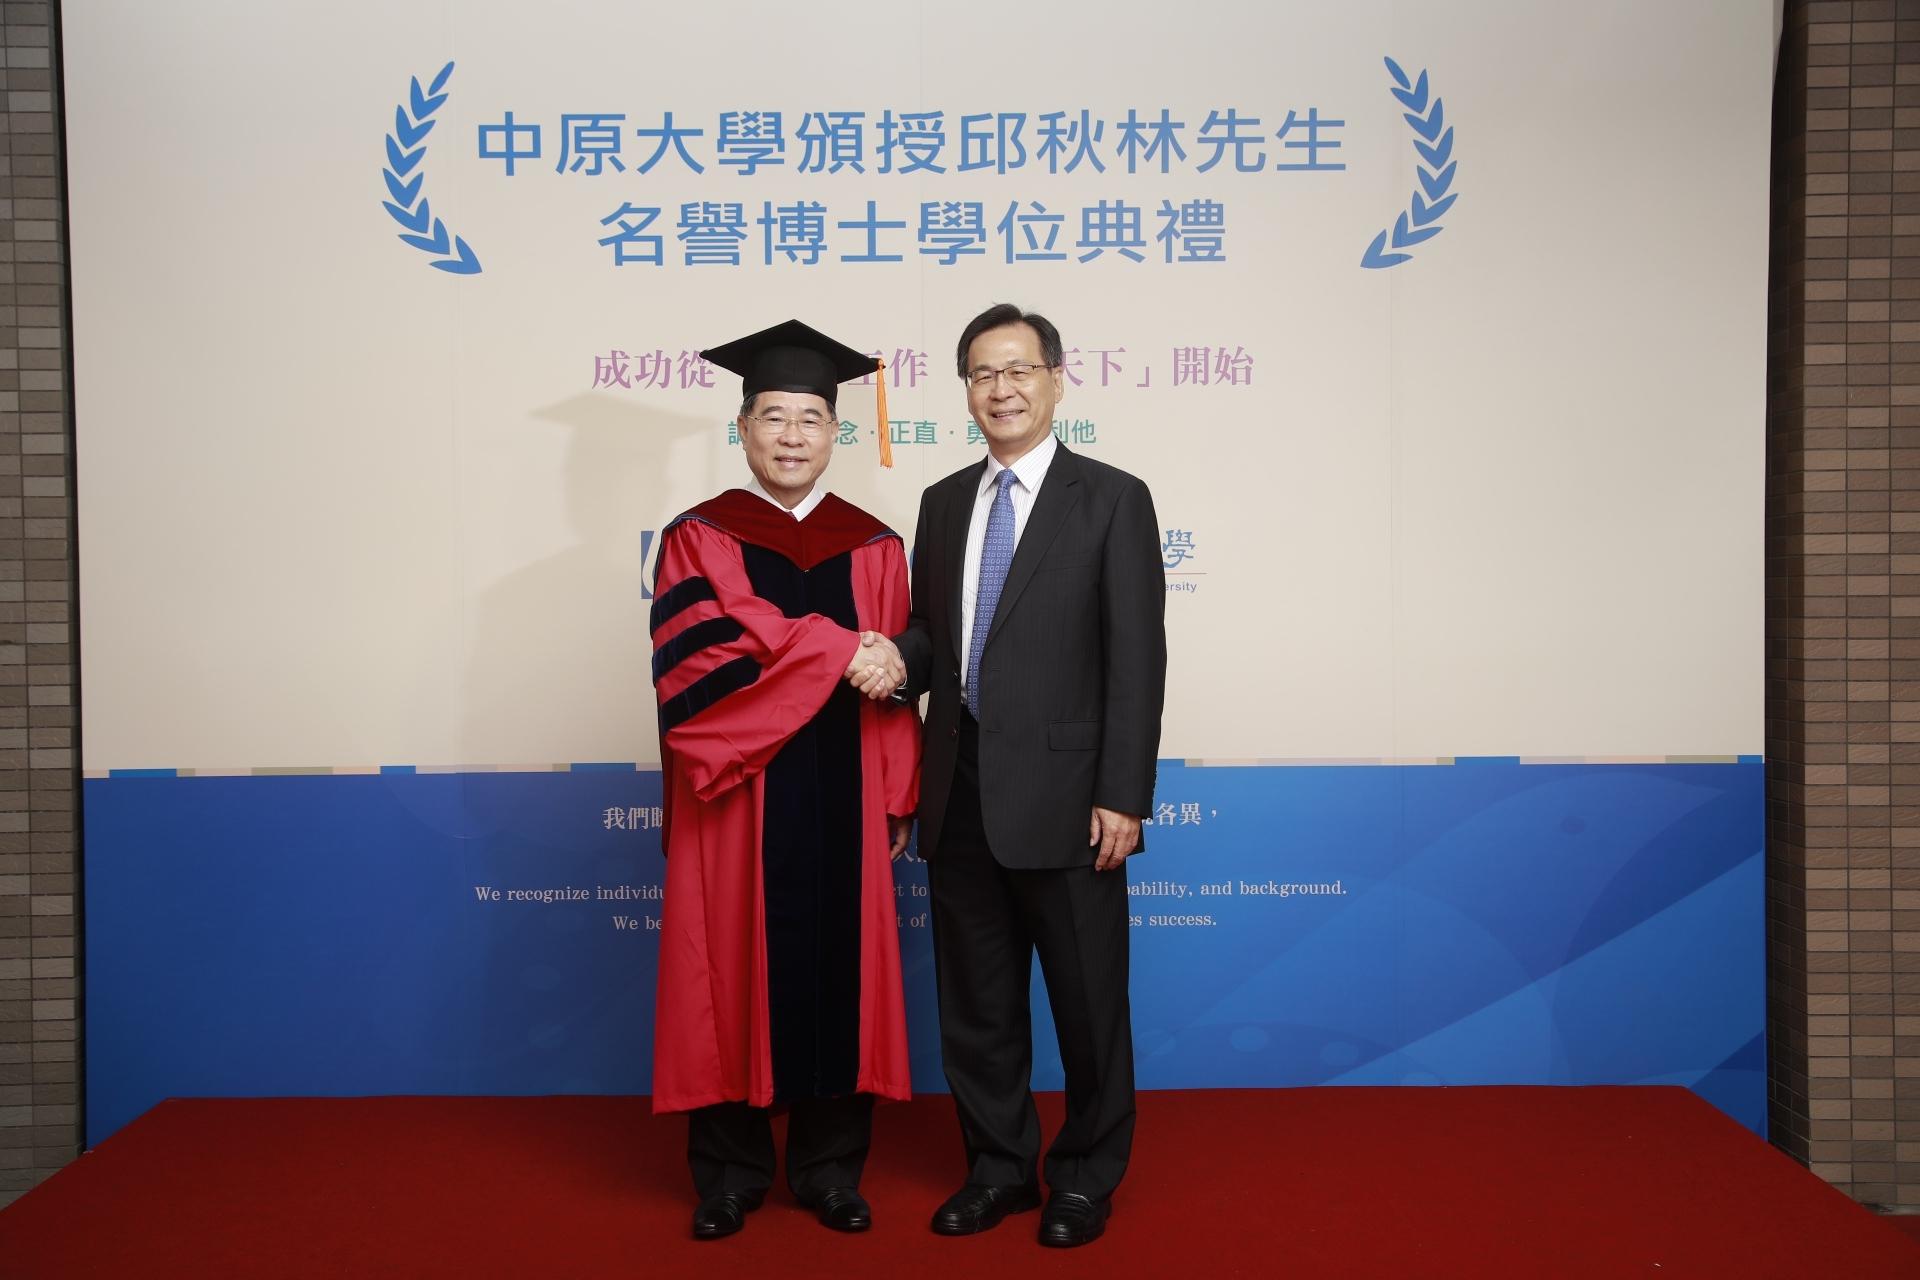 1060525-校友邱秋林獲頒名譽博士_170525_0001.jpg